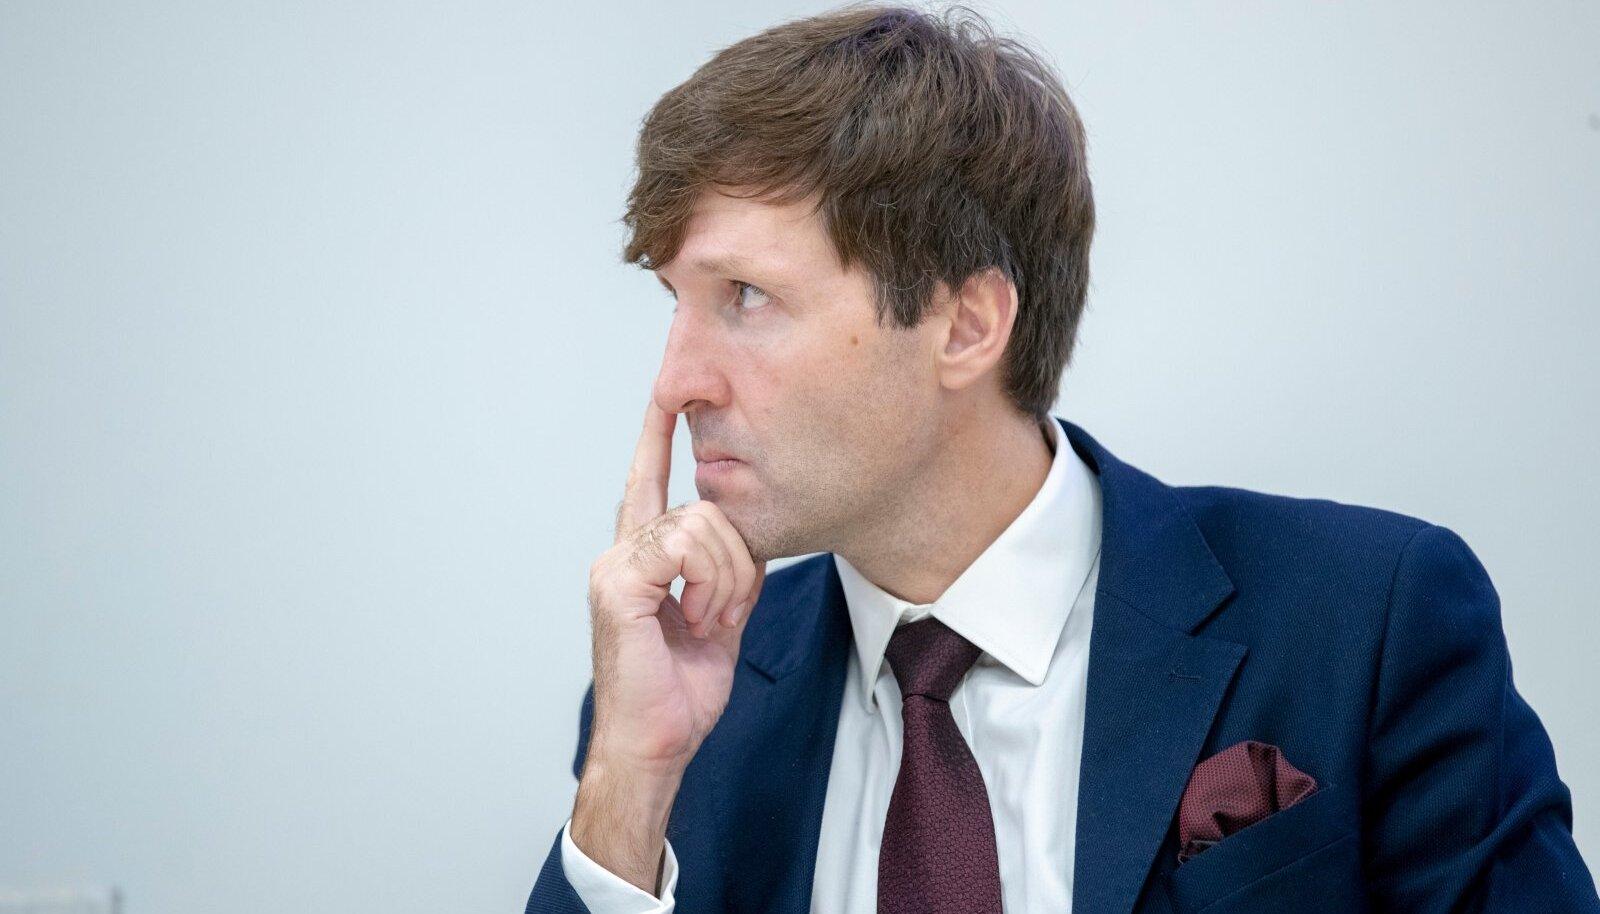 Martin Helme keeldus selgitamast, miks komisjoni valitud RAB juhi kandidaat talle ei sobinud.